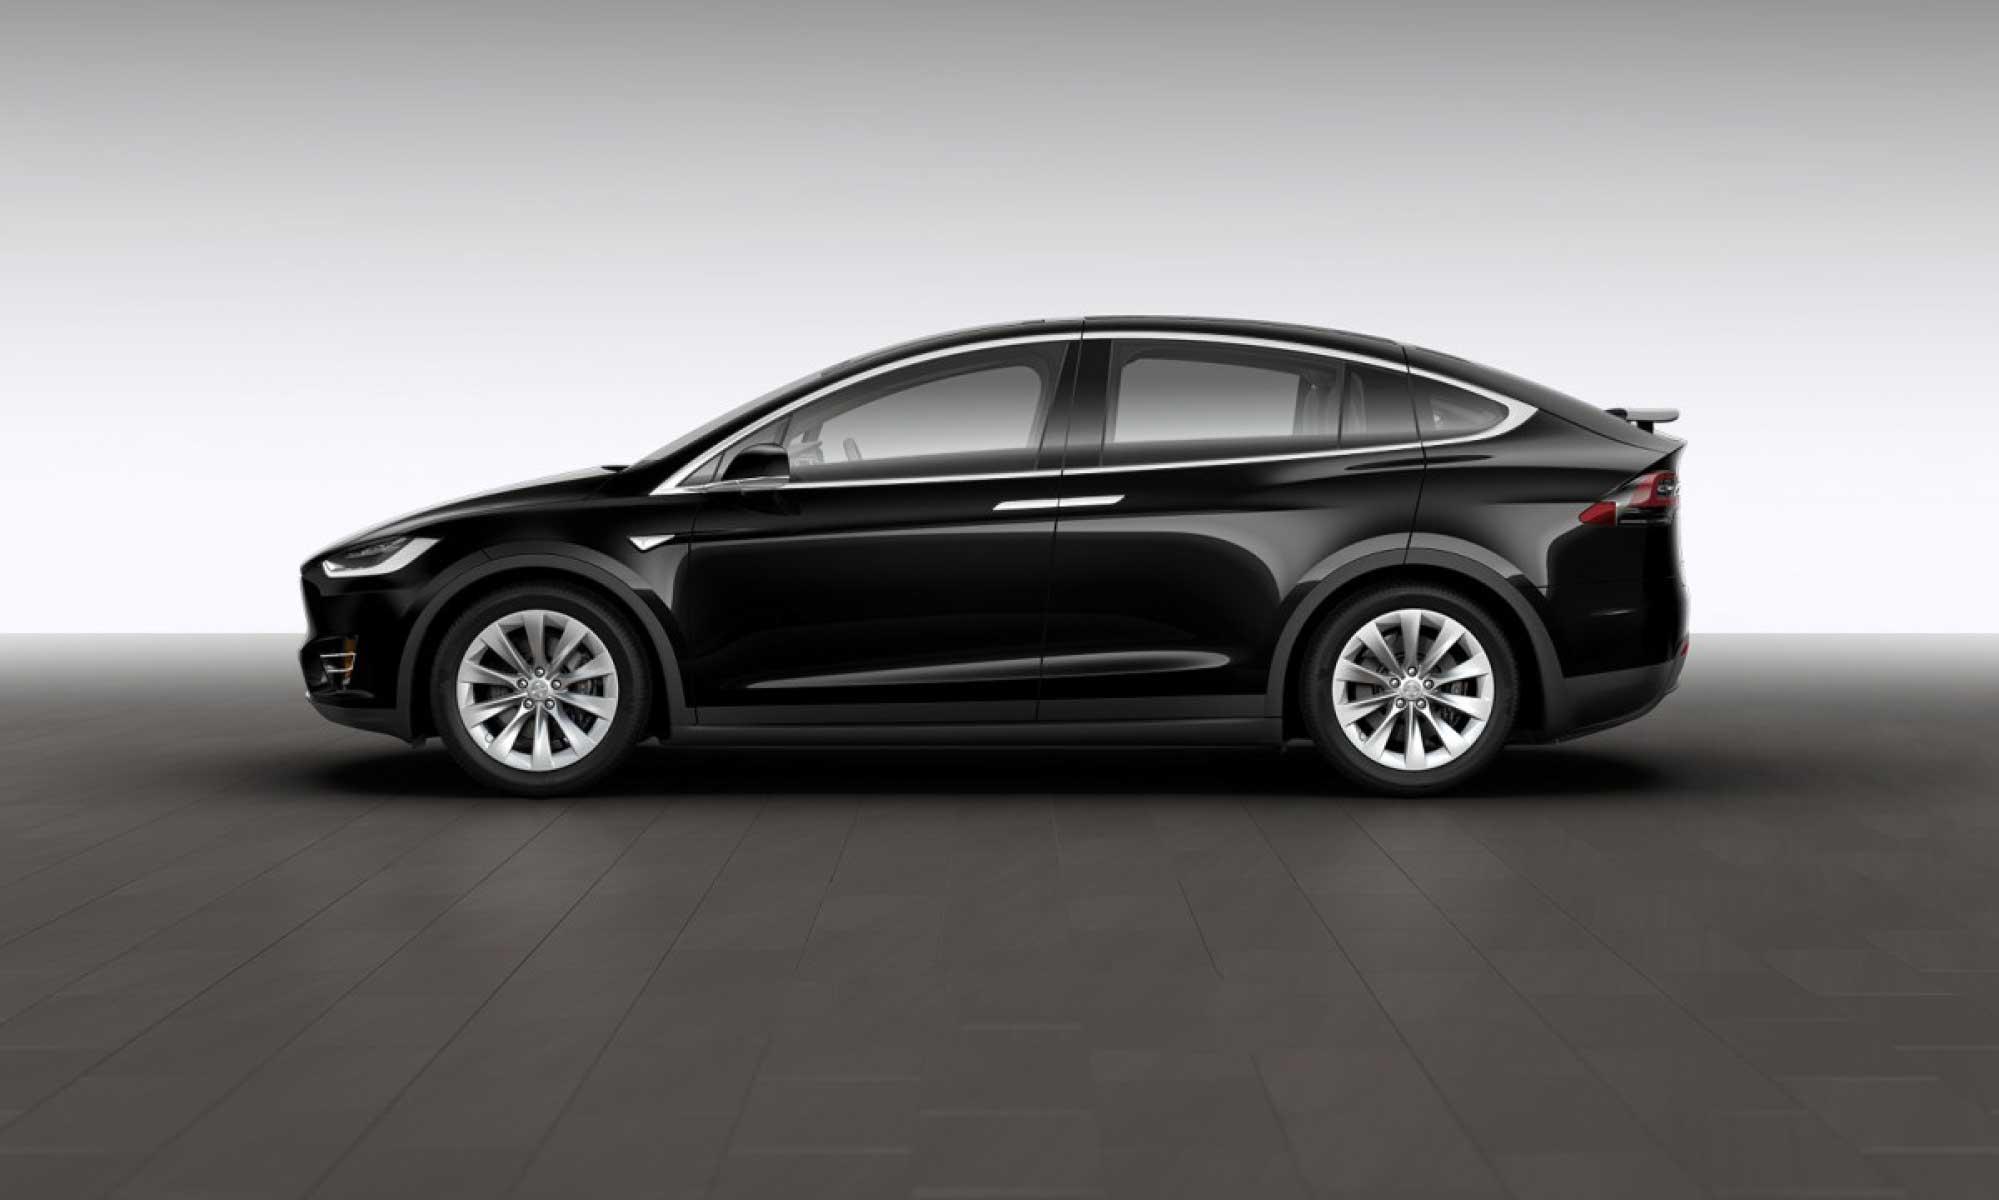 Sie können sich<br>einen Tesla leisten.<br>Ab CHF 180 pro Tag*